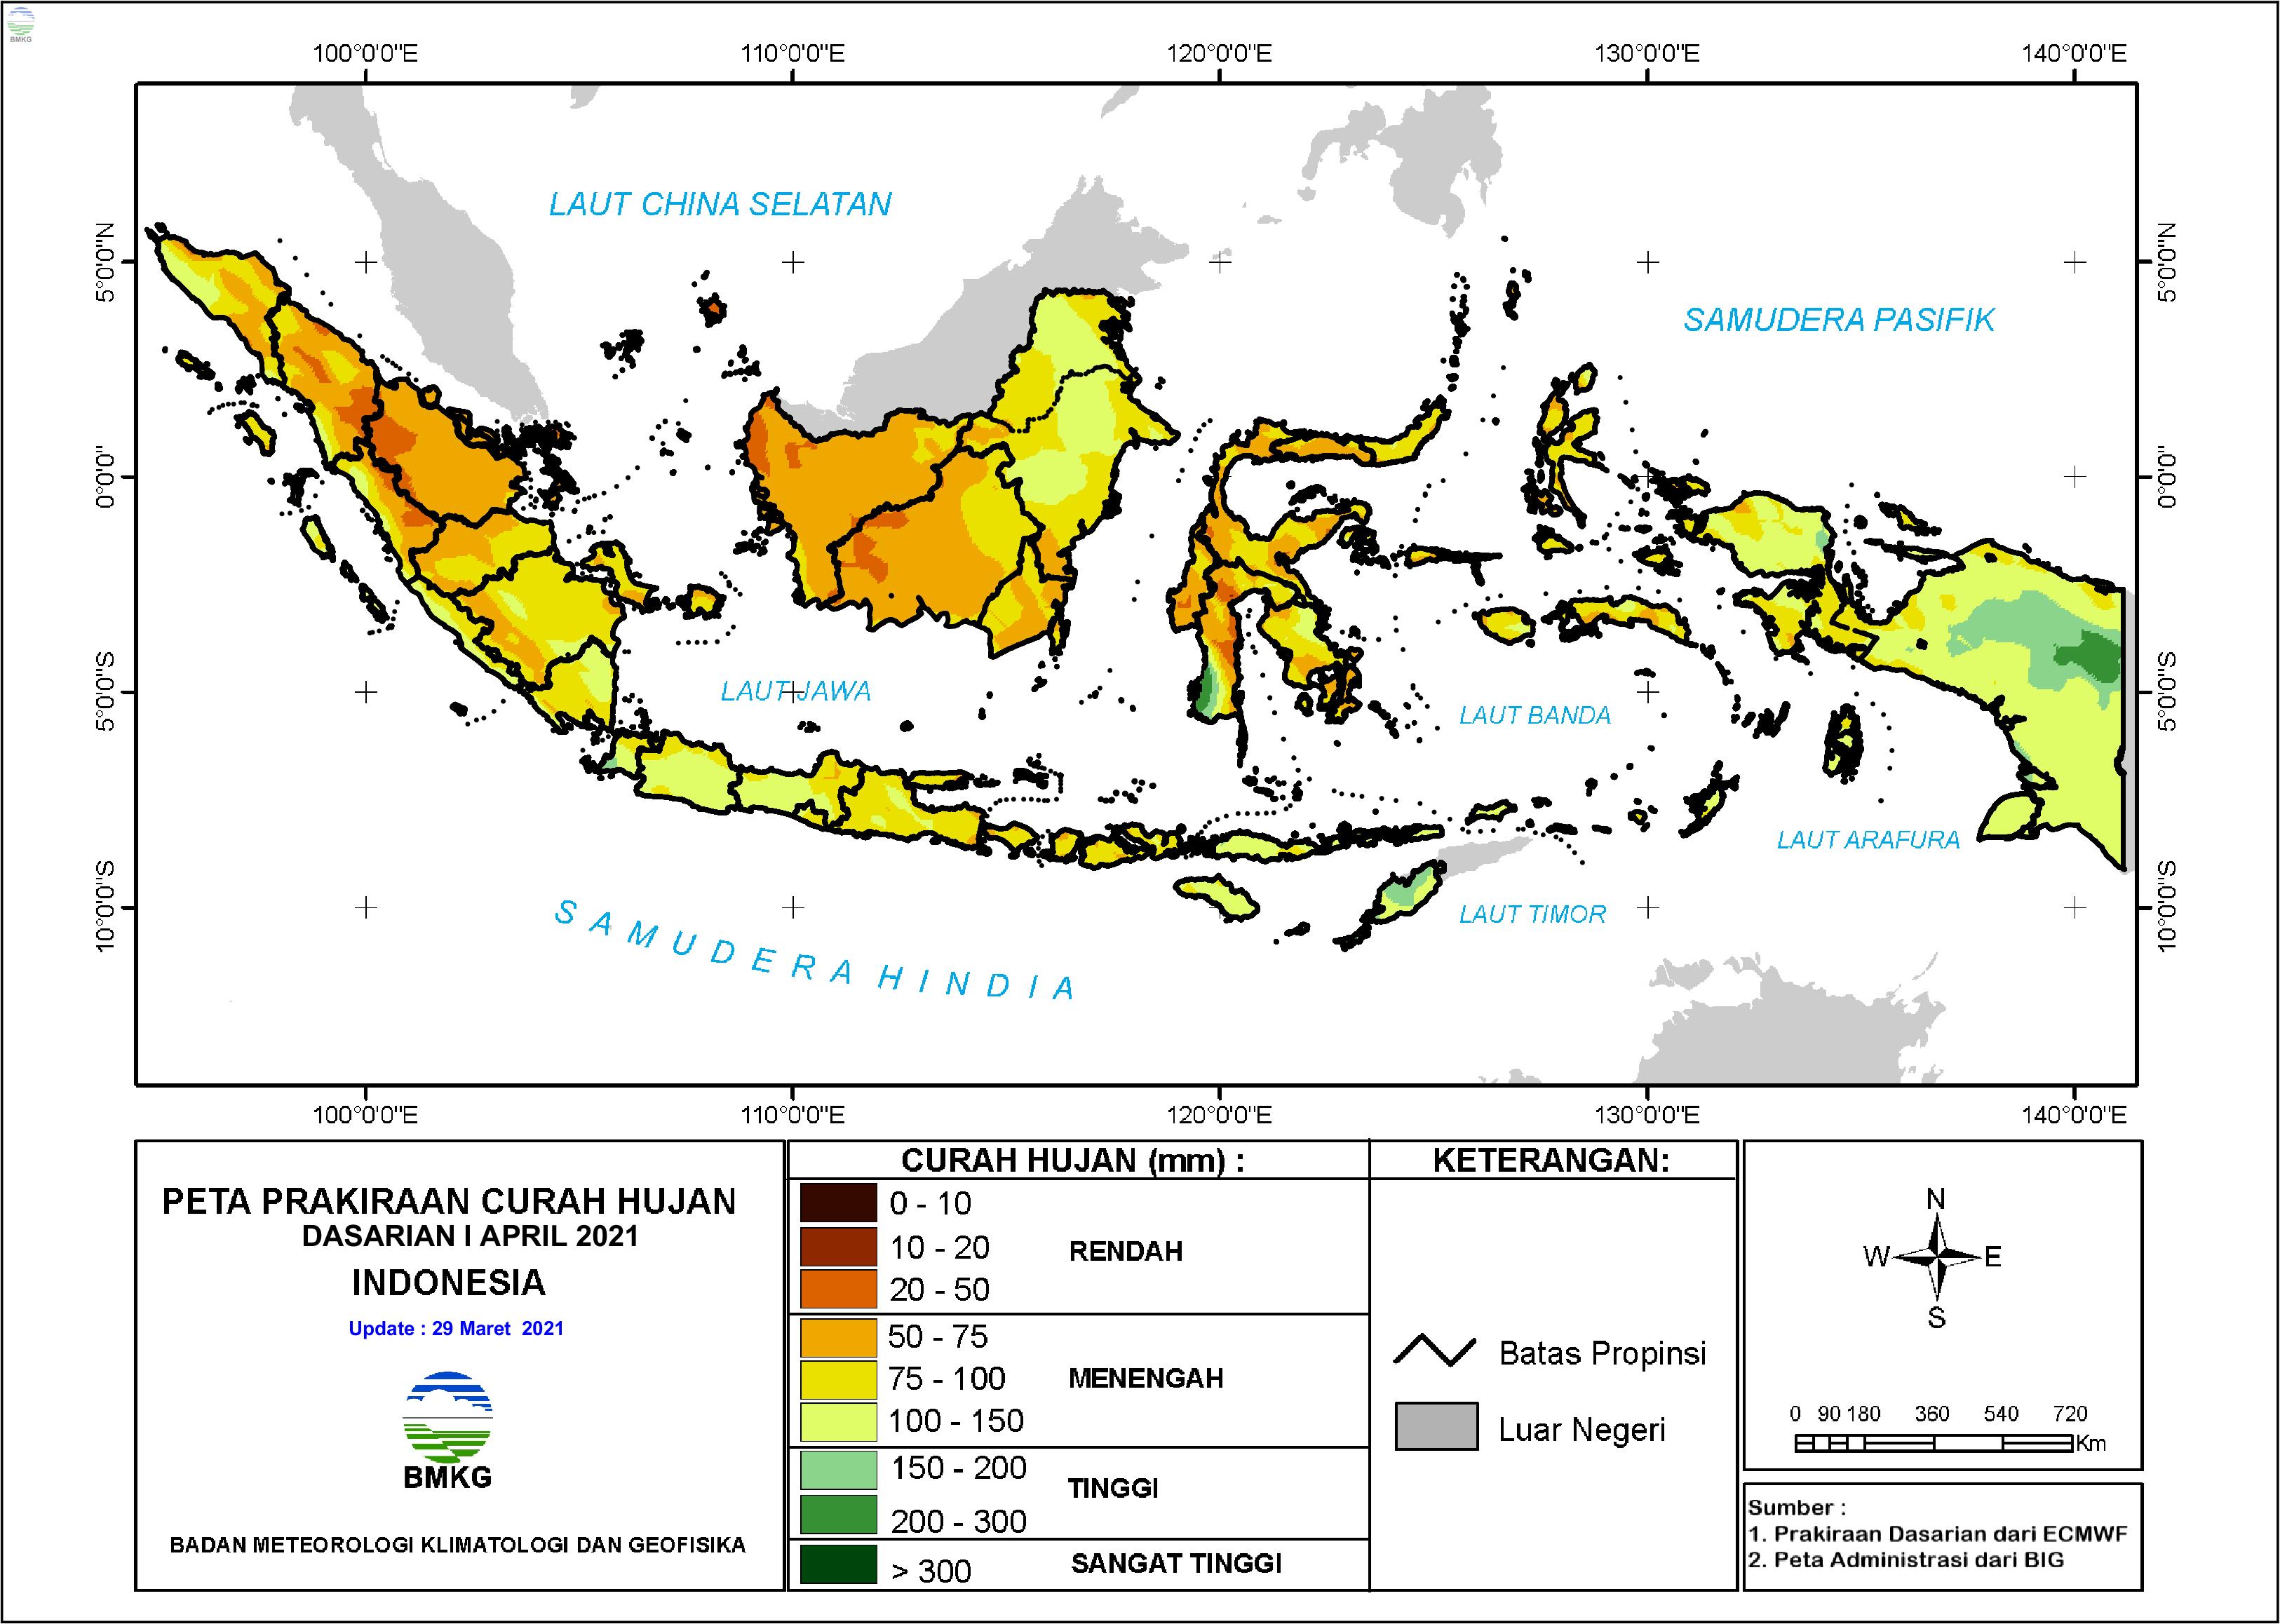 Prakiraan Curah Hujan Dasarian I-III April 2021